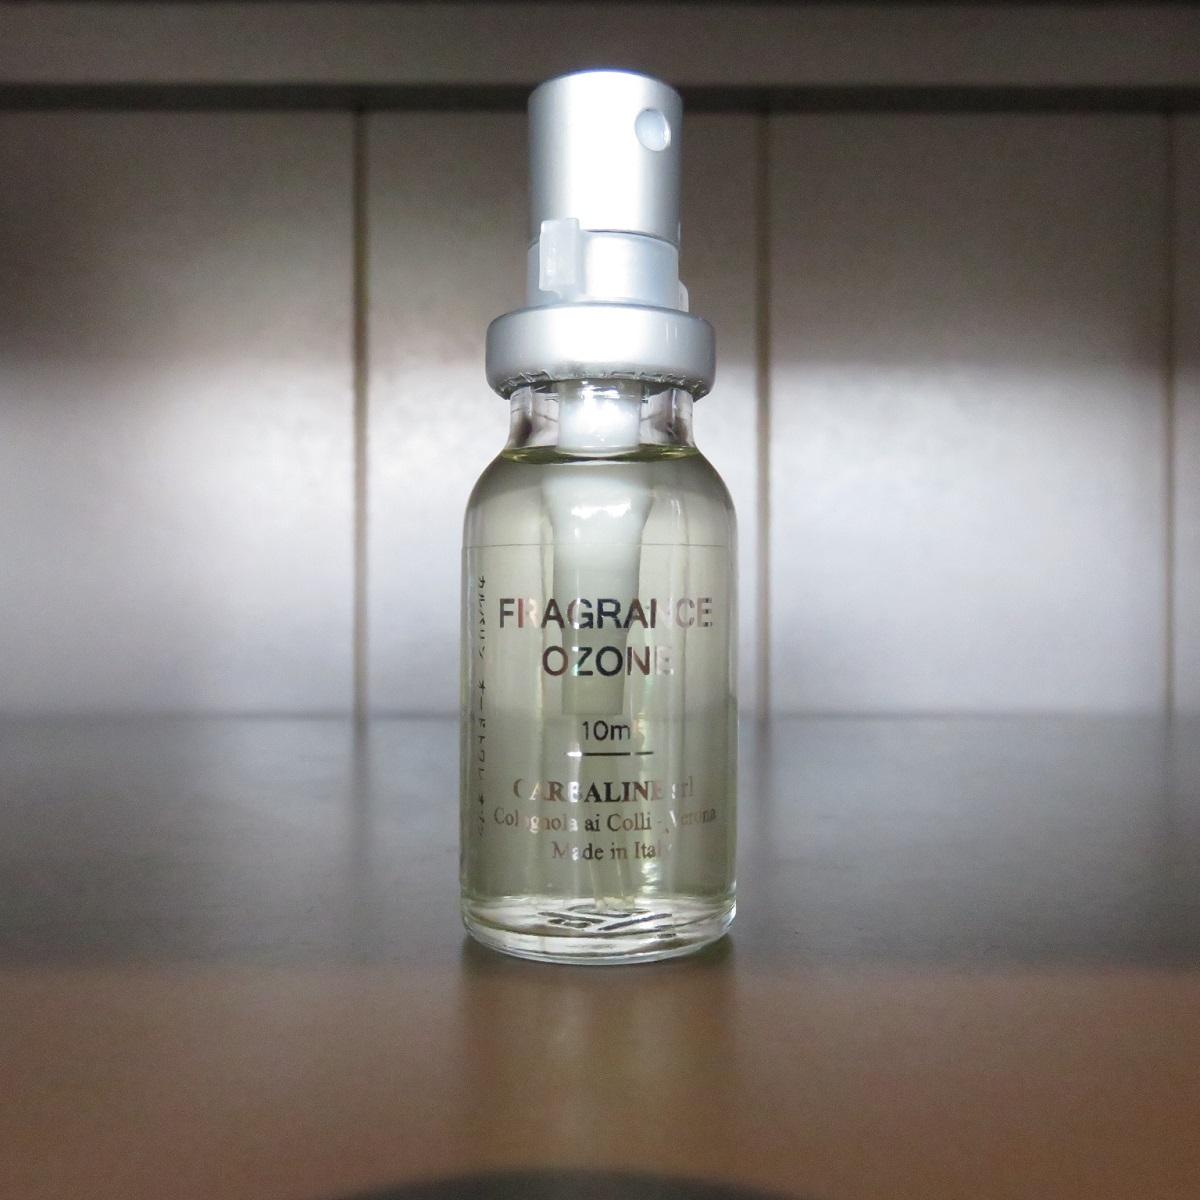 定番人気の小瓶のトワレです CARBALINE 新発売 オードトワレ10ml オゾン ご予約品 6108 カルバリン